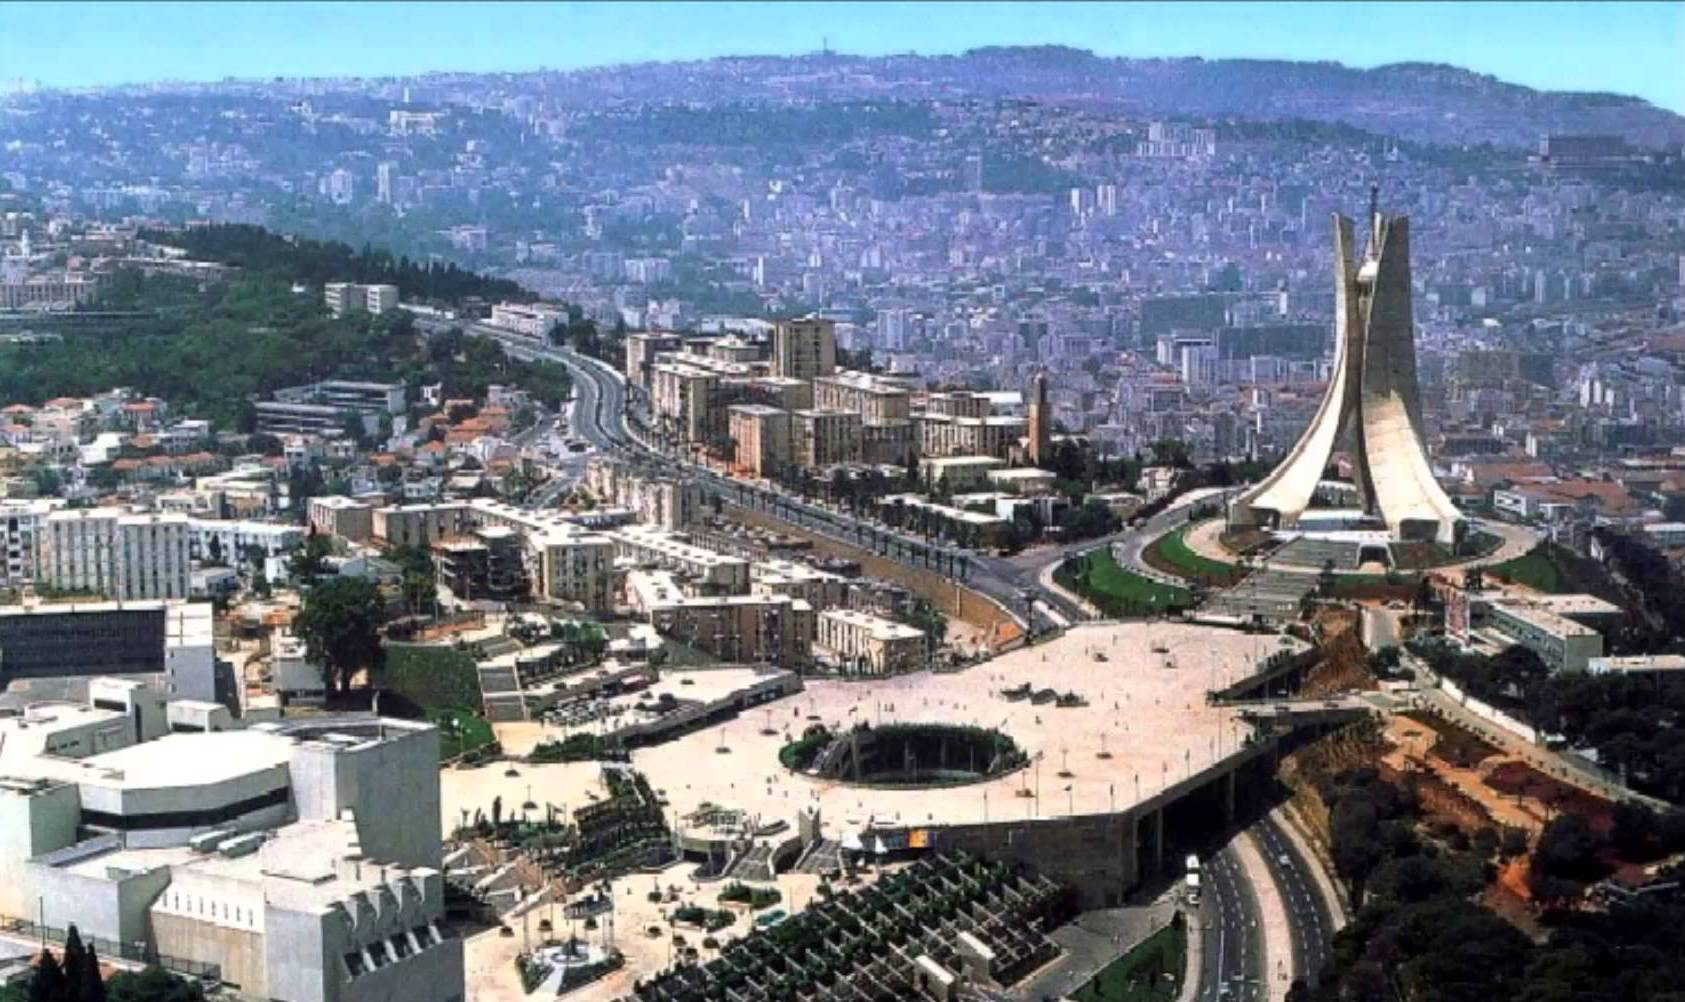 الجزائر ترد على الحملات المغربية وتعرض ظروف إستقبال اللاجئين